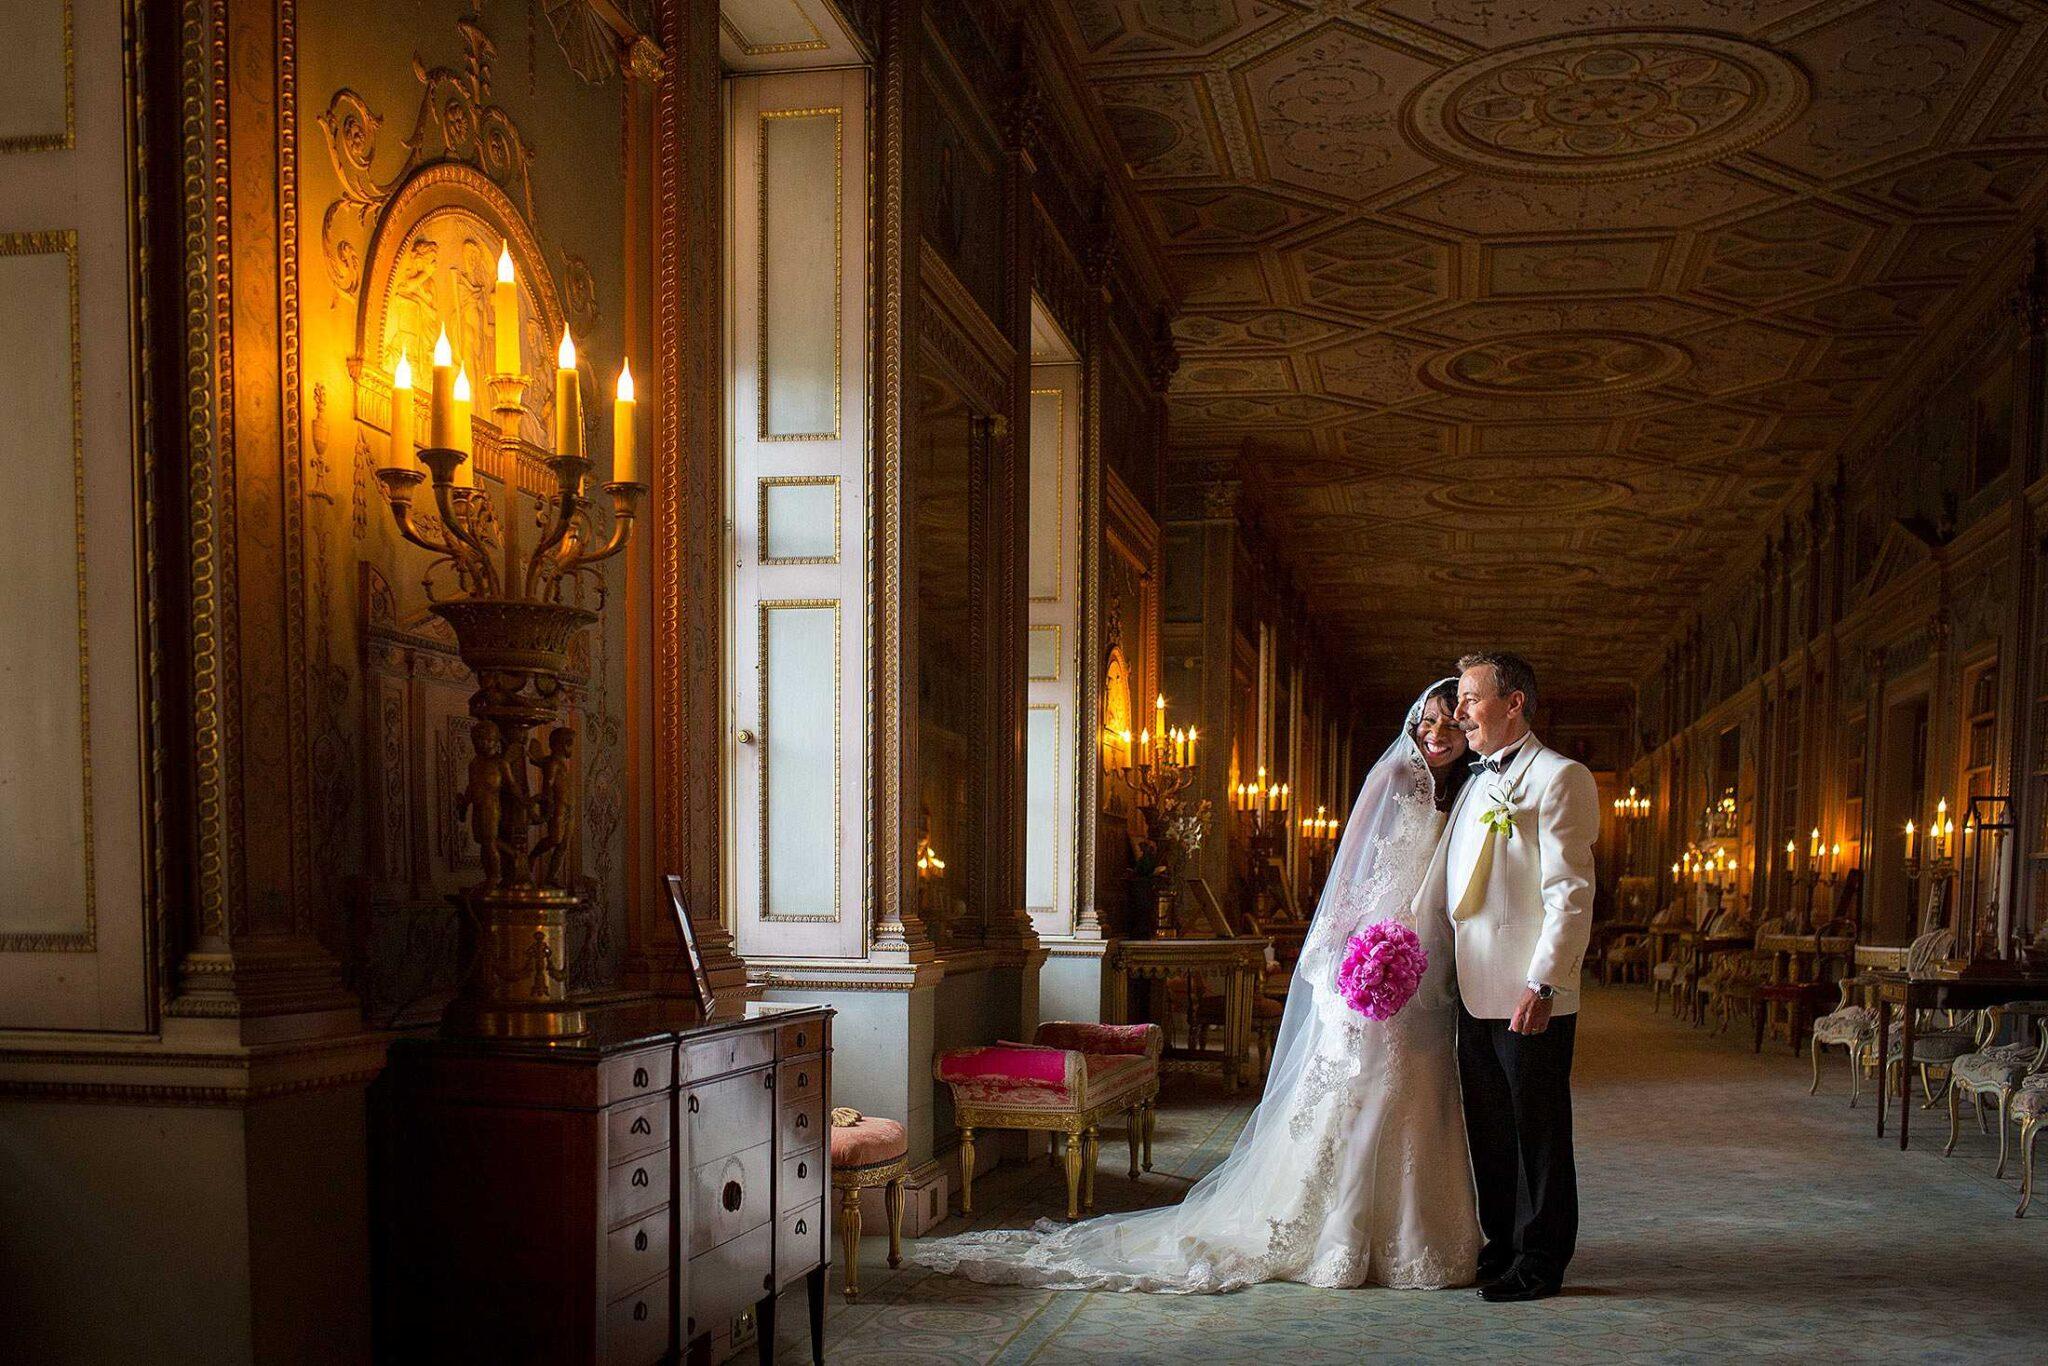 SYON PARK WEDDING PHOTOS OF GLORIA AND LUIGI